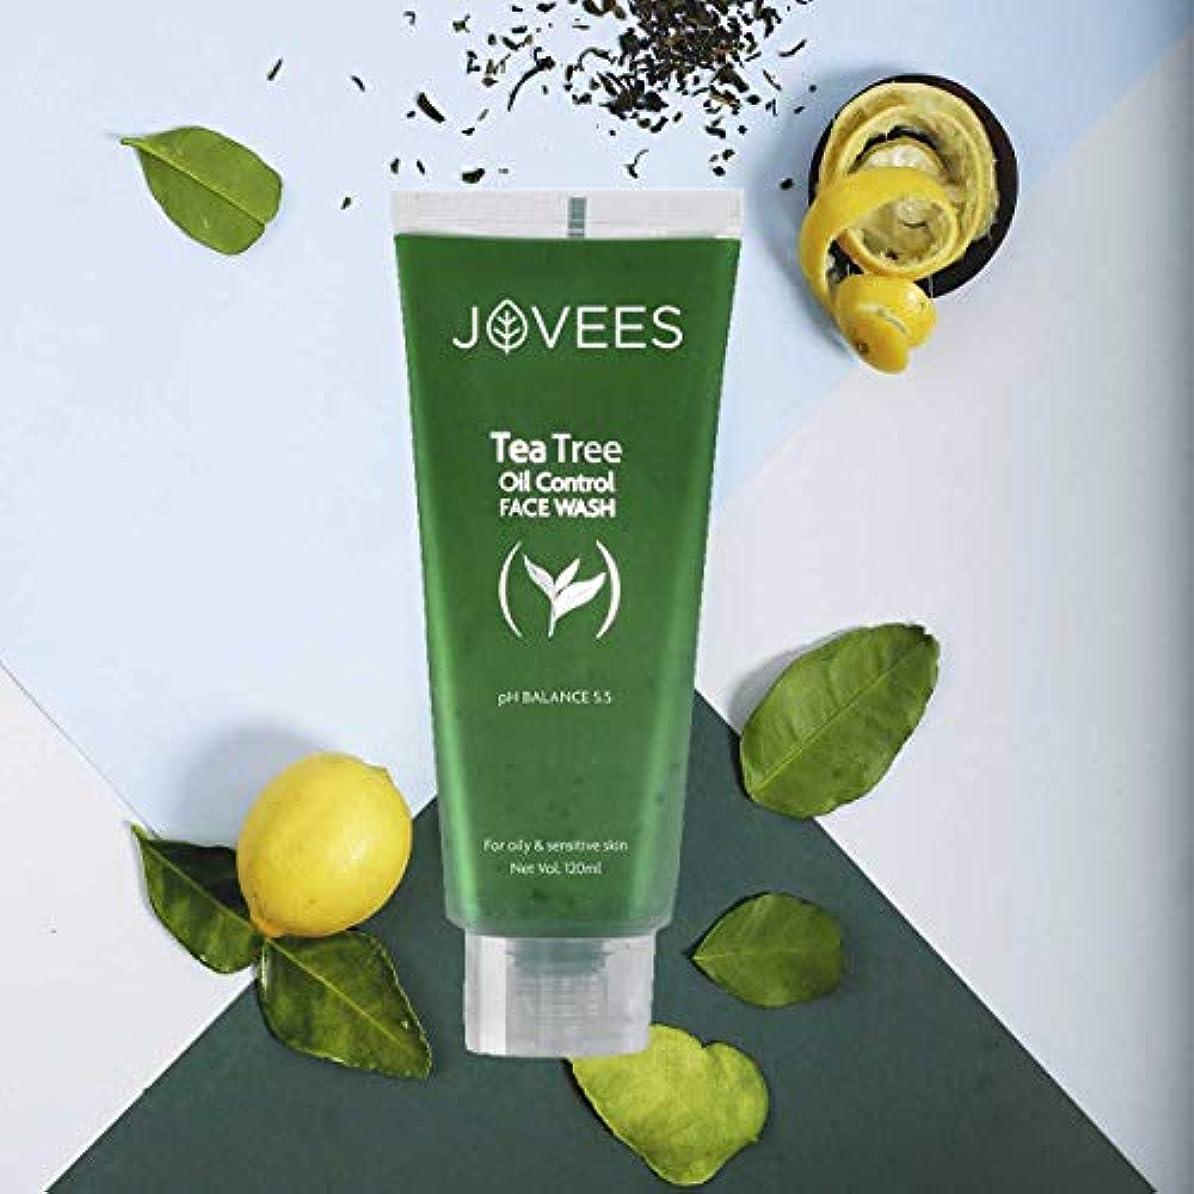 ケープアリスペットJovees Tea Tree Oil Control Face Wash 120ml Best for oily & sensitive skin control acne ティーツリーオイルコントロールフェイスウォッシュ...